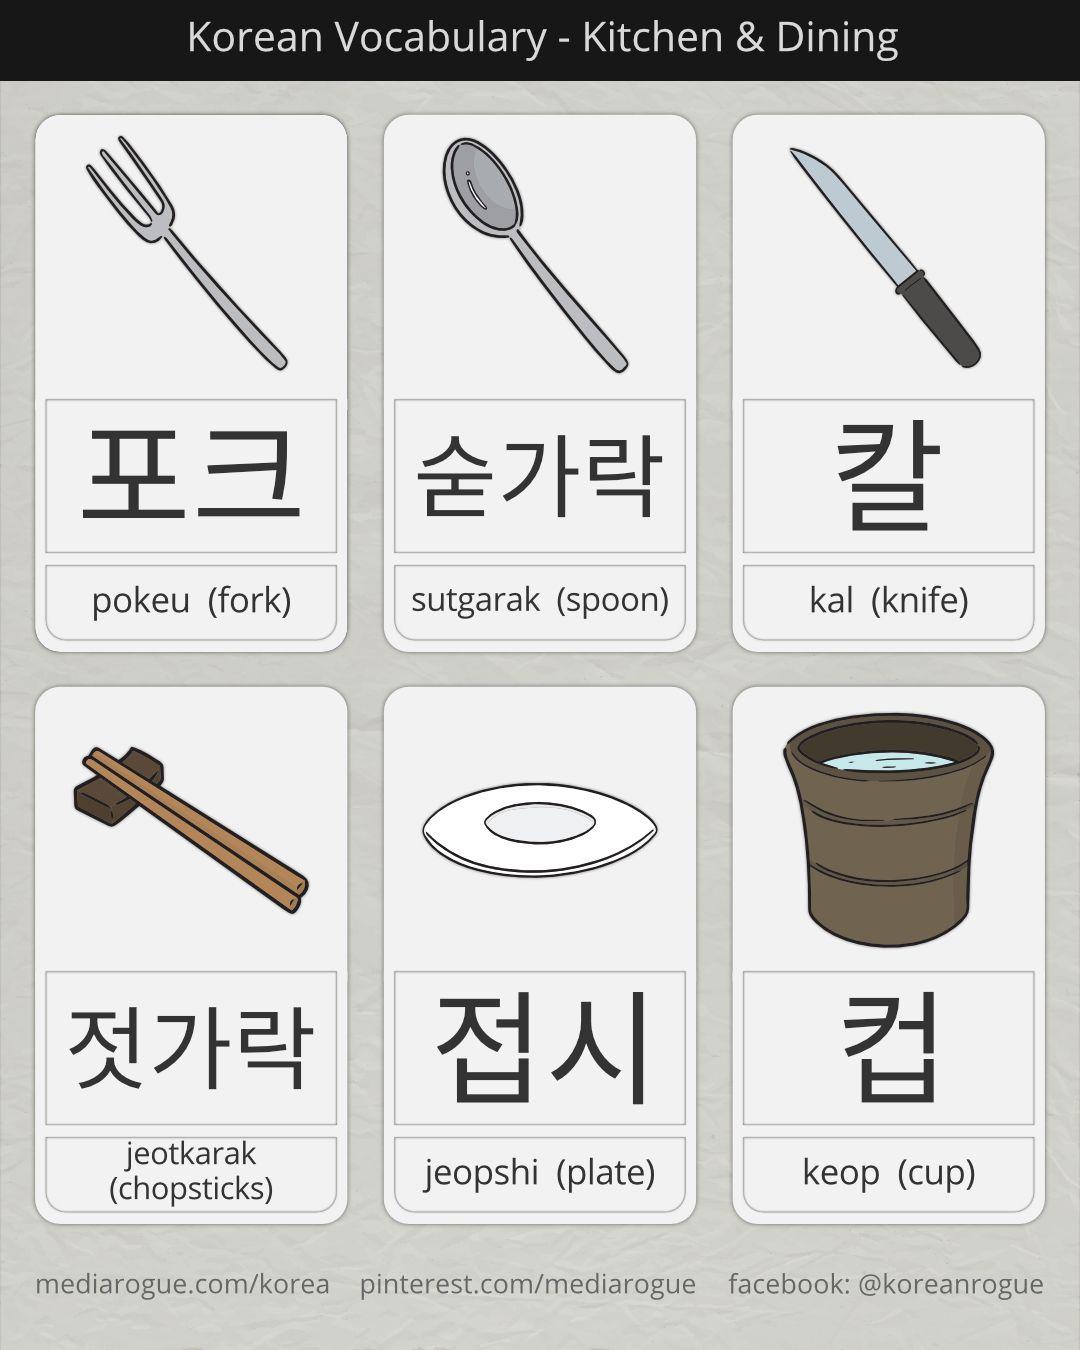 Korean Words For Fork Spoon Knife Chopsticks Plate Cup Bahasa Jepang Pendidikan Kiat Belajar